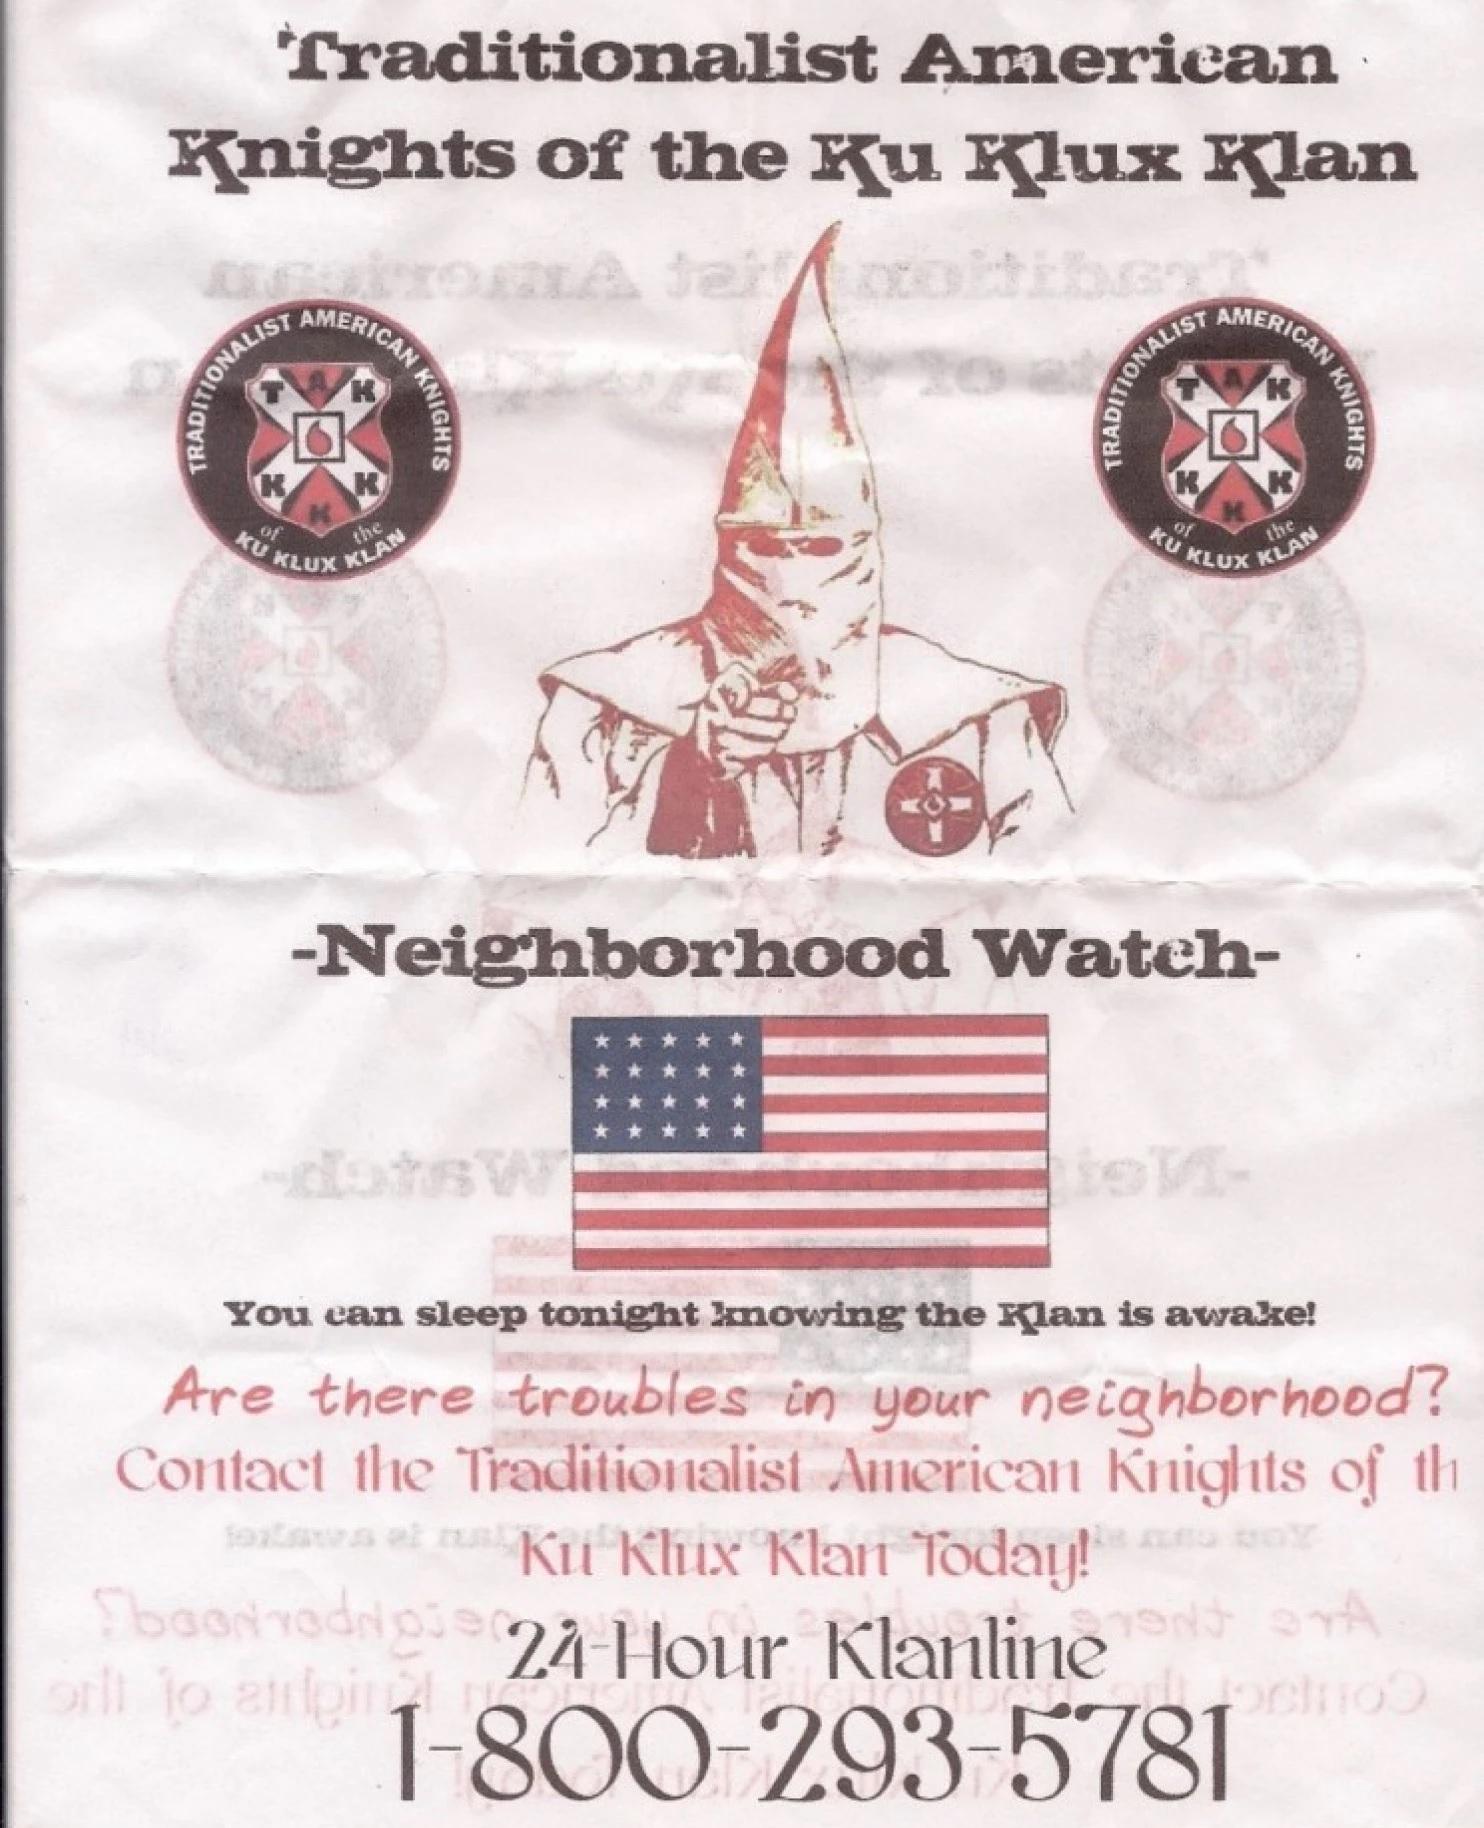 A Dél újra él: Amerika-szerte szórólapokkal hirdeti magát a Ku Klux Klan